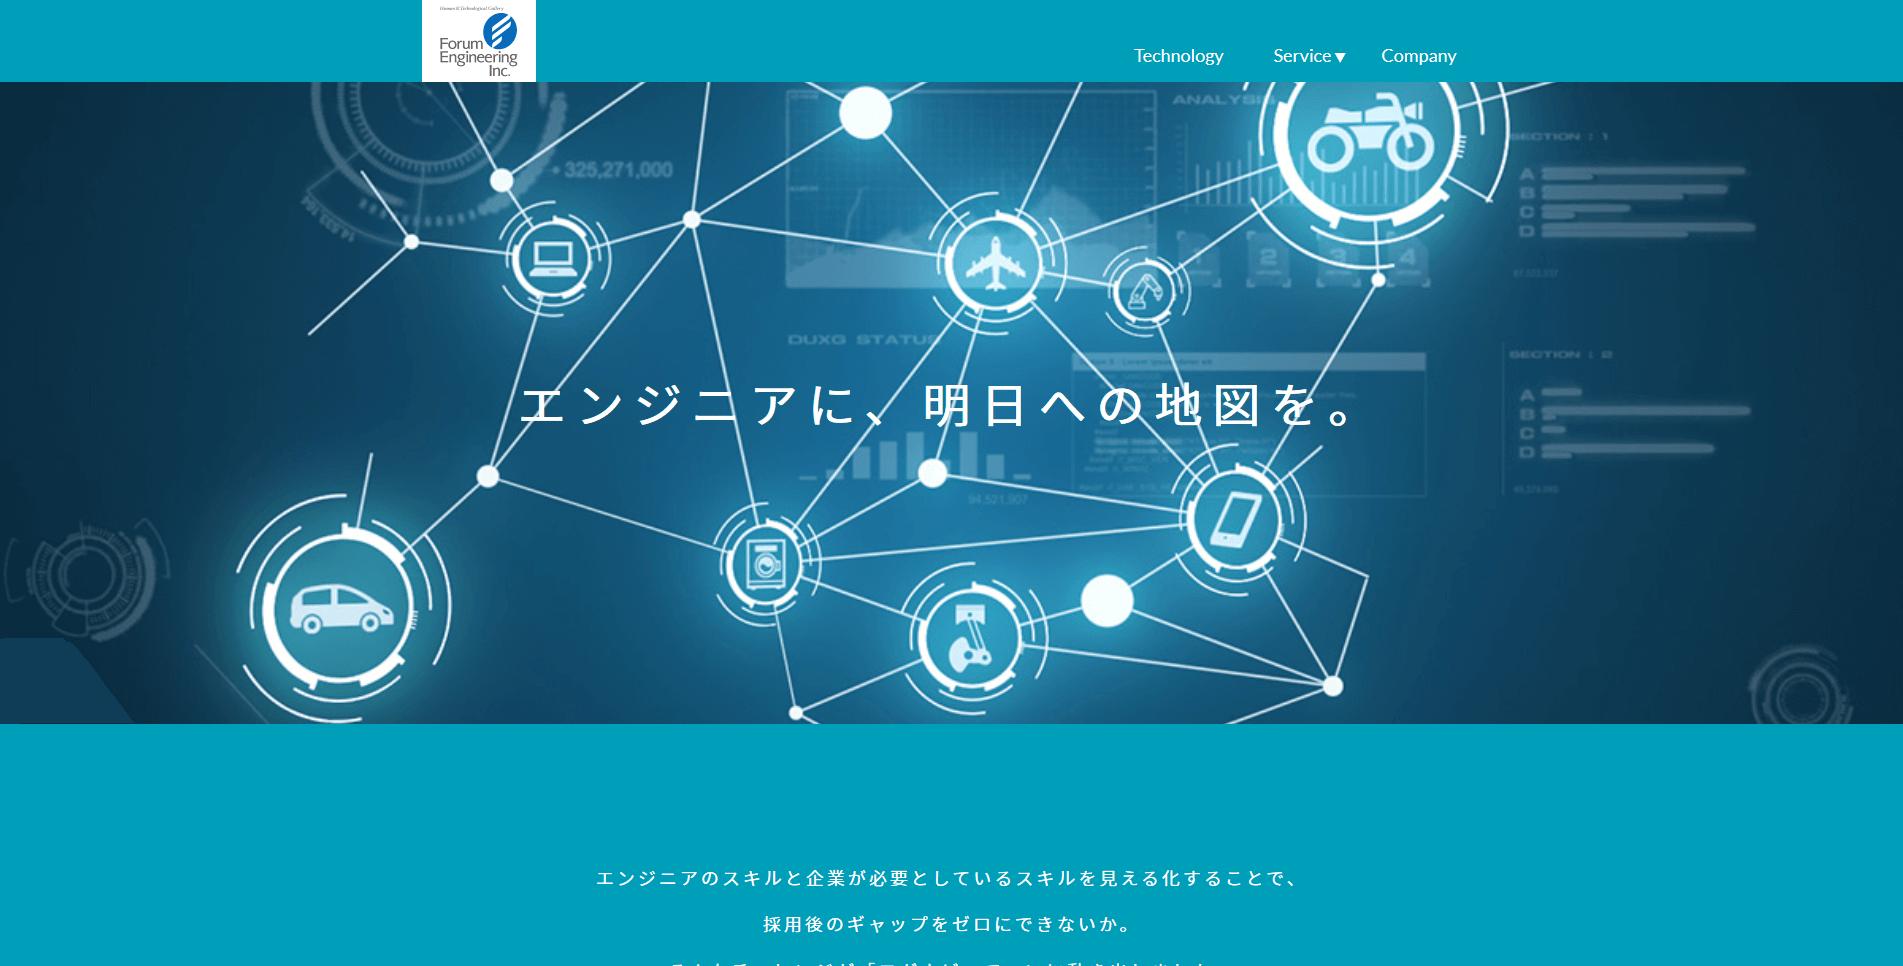 【最新】勝手にホームページリニューアル分析~フォーラムエンジニアリング編~